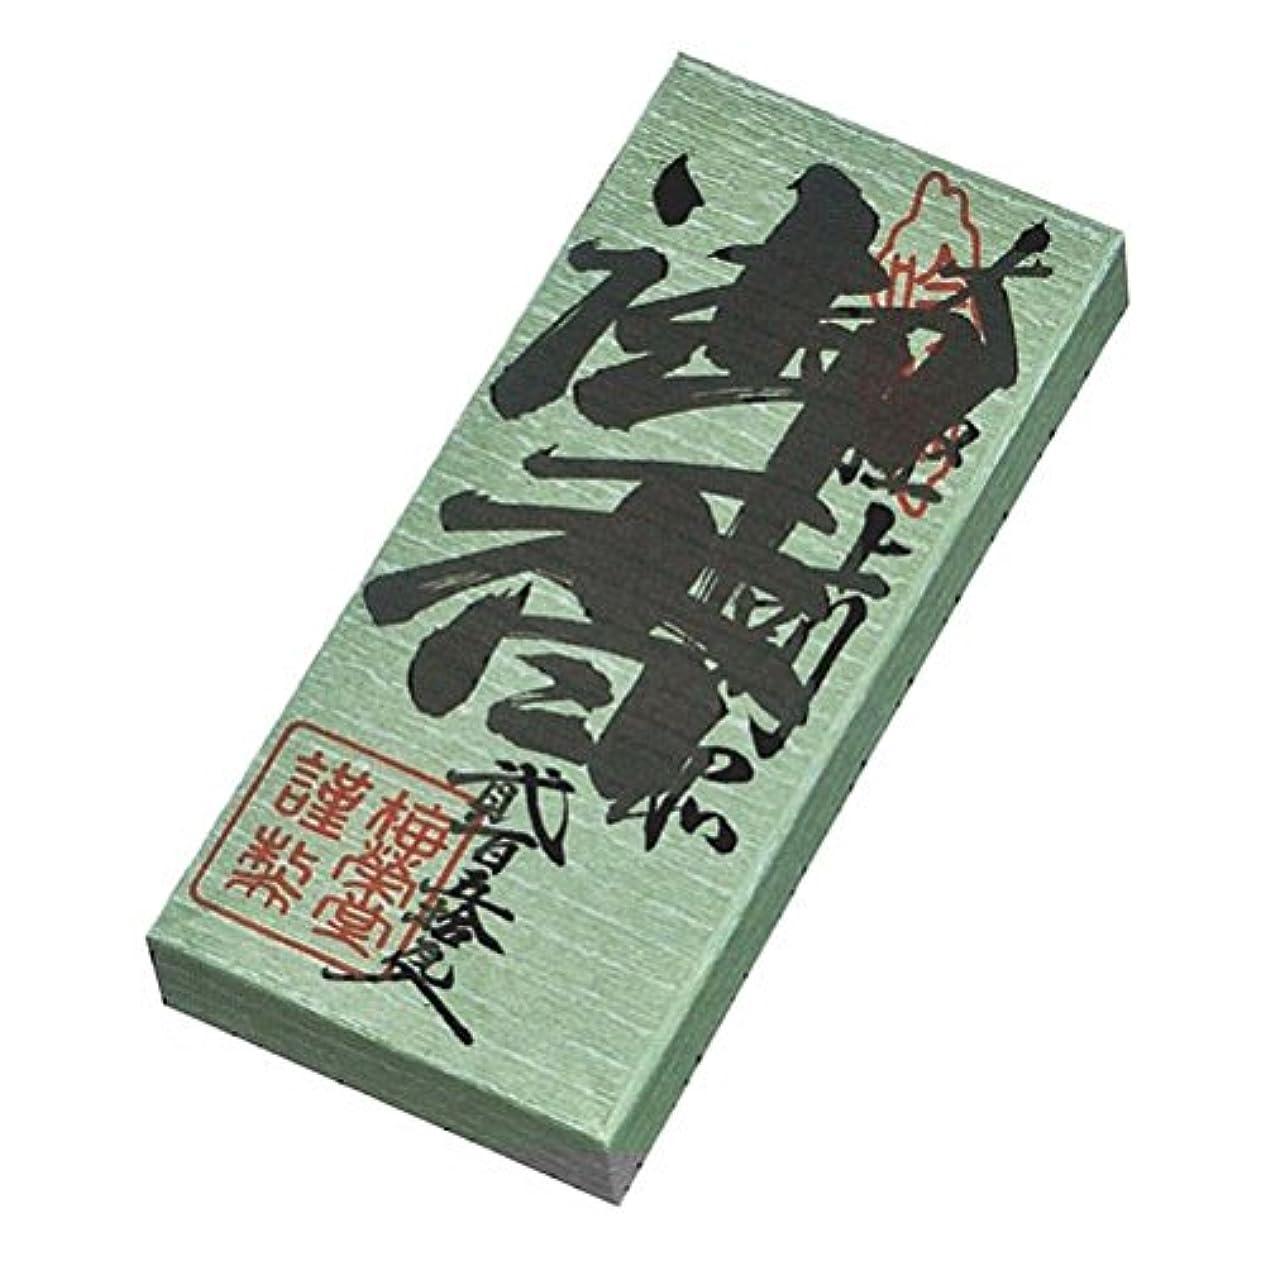 満州十分にそれる梅檀印 250g 紙箱入り お焼香 梅栄堂